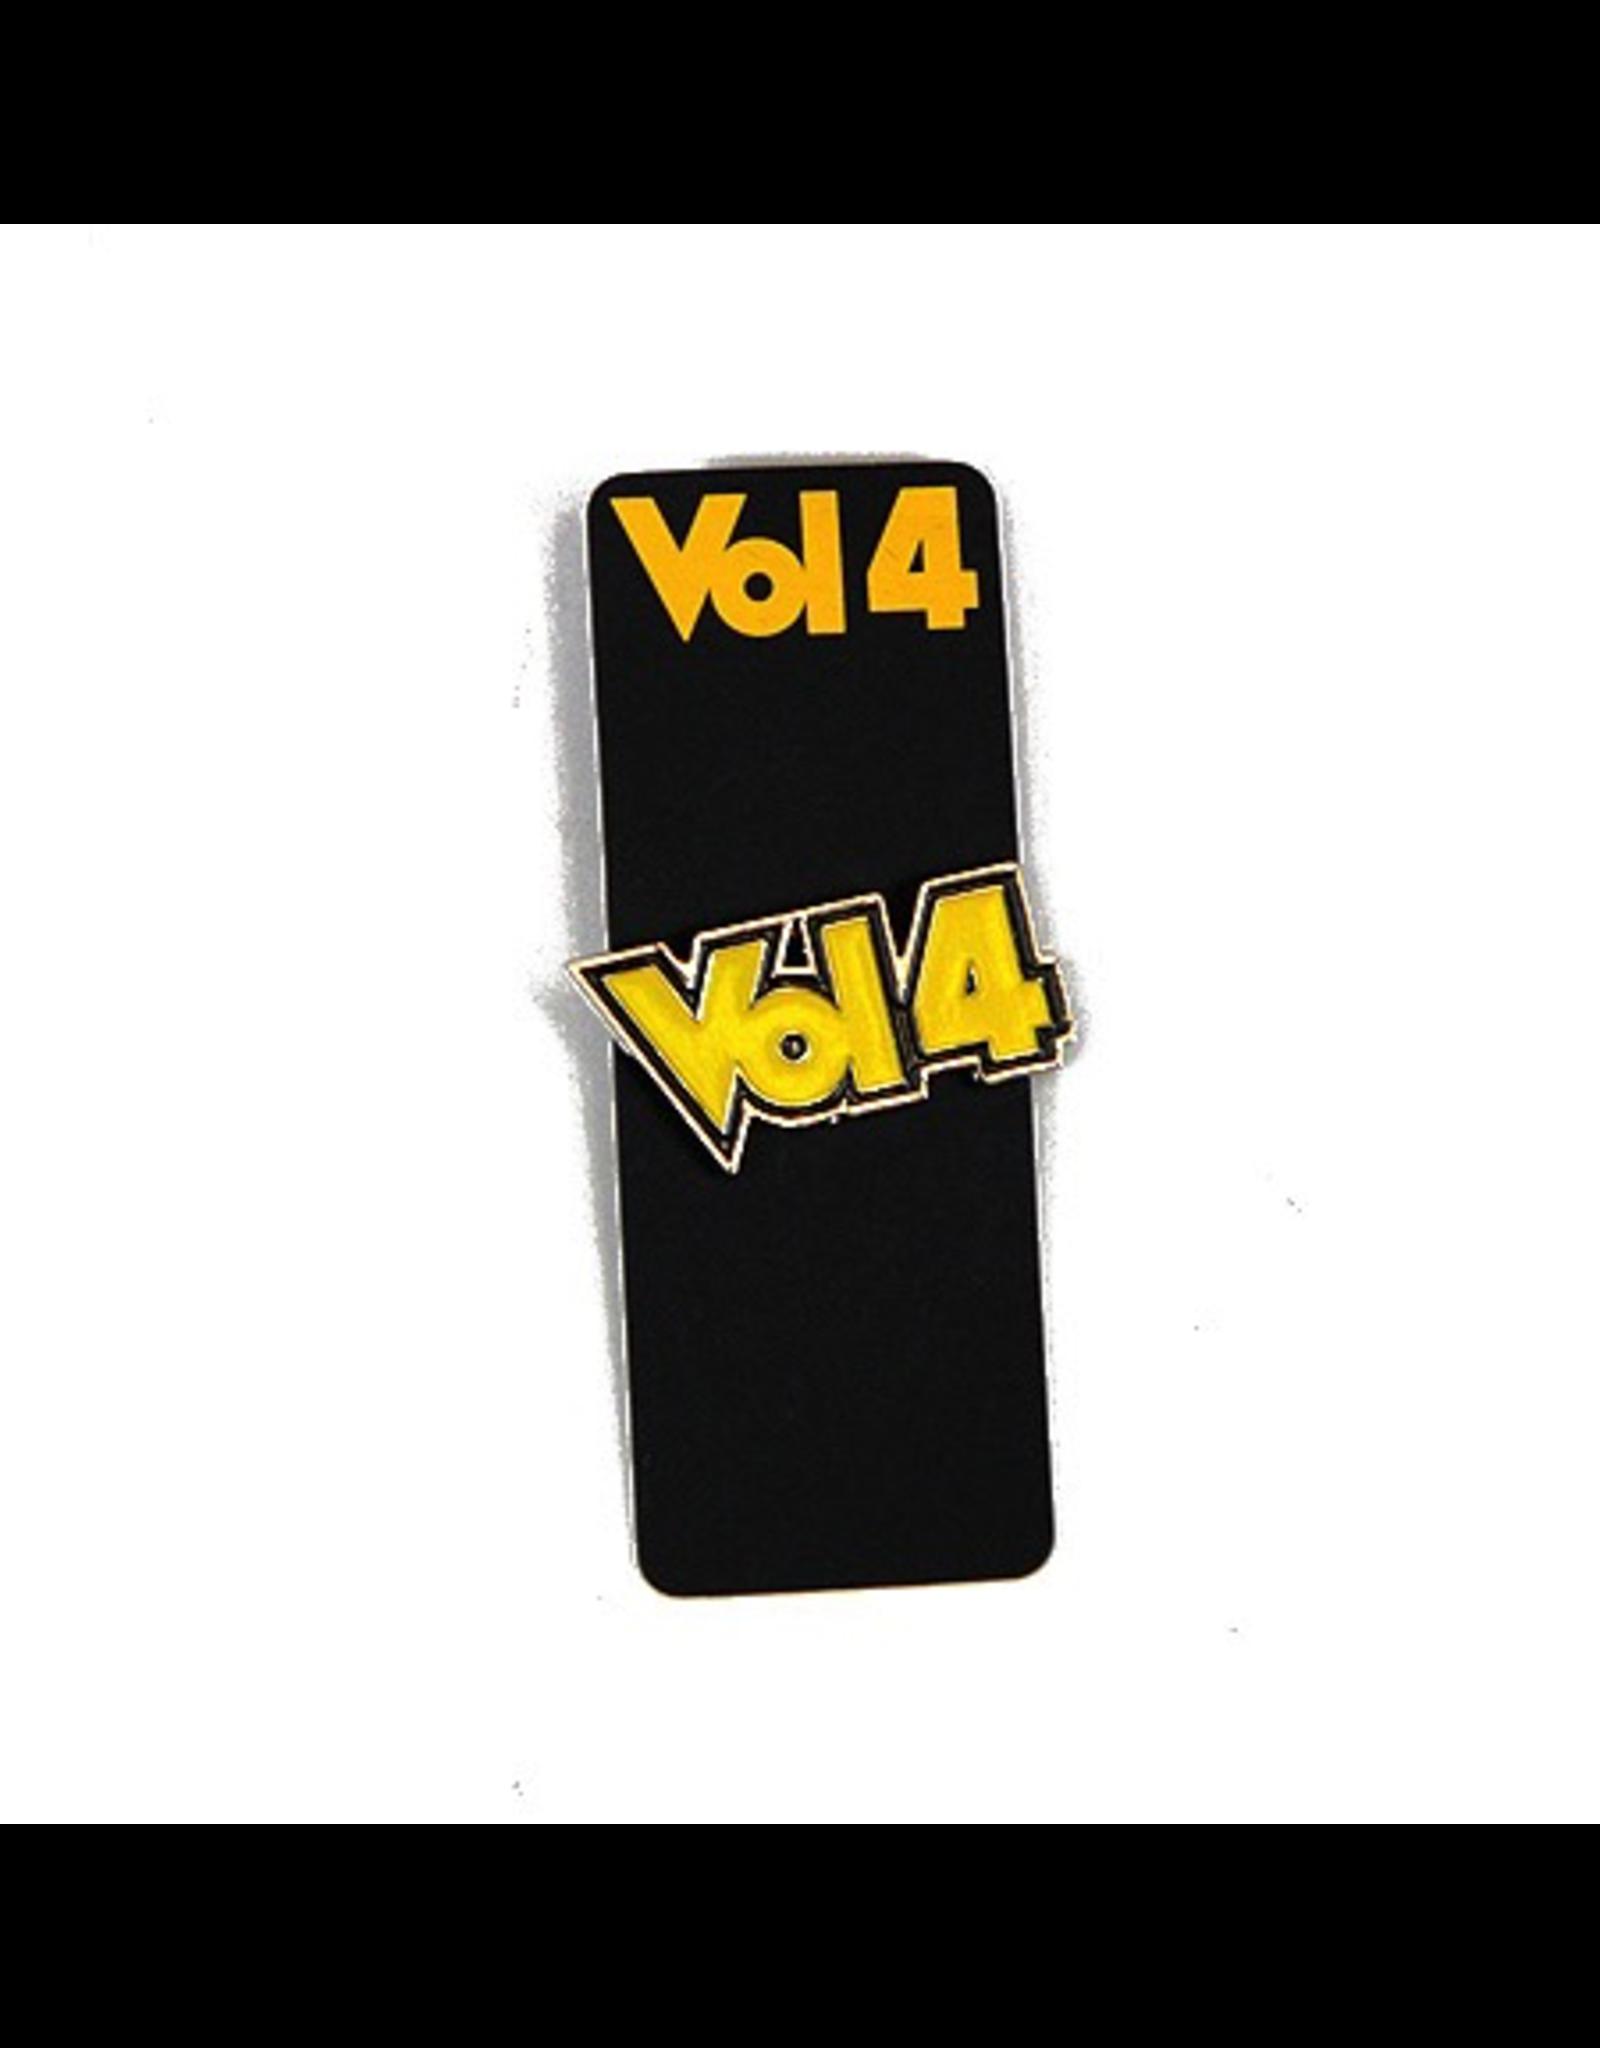 Volume 4 Volume 4 Pin